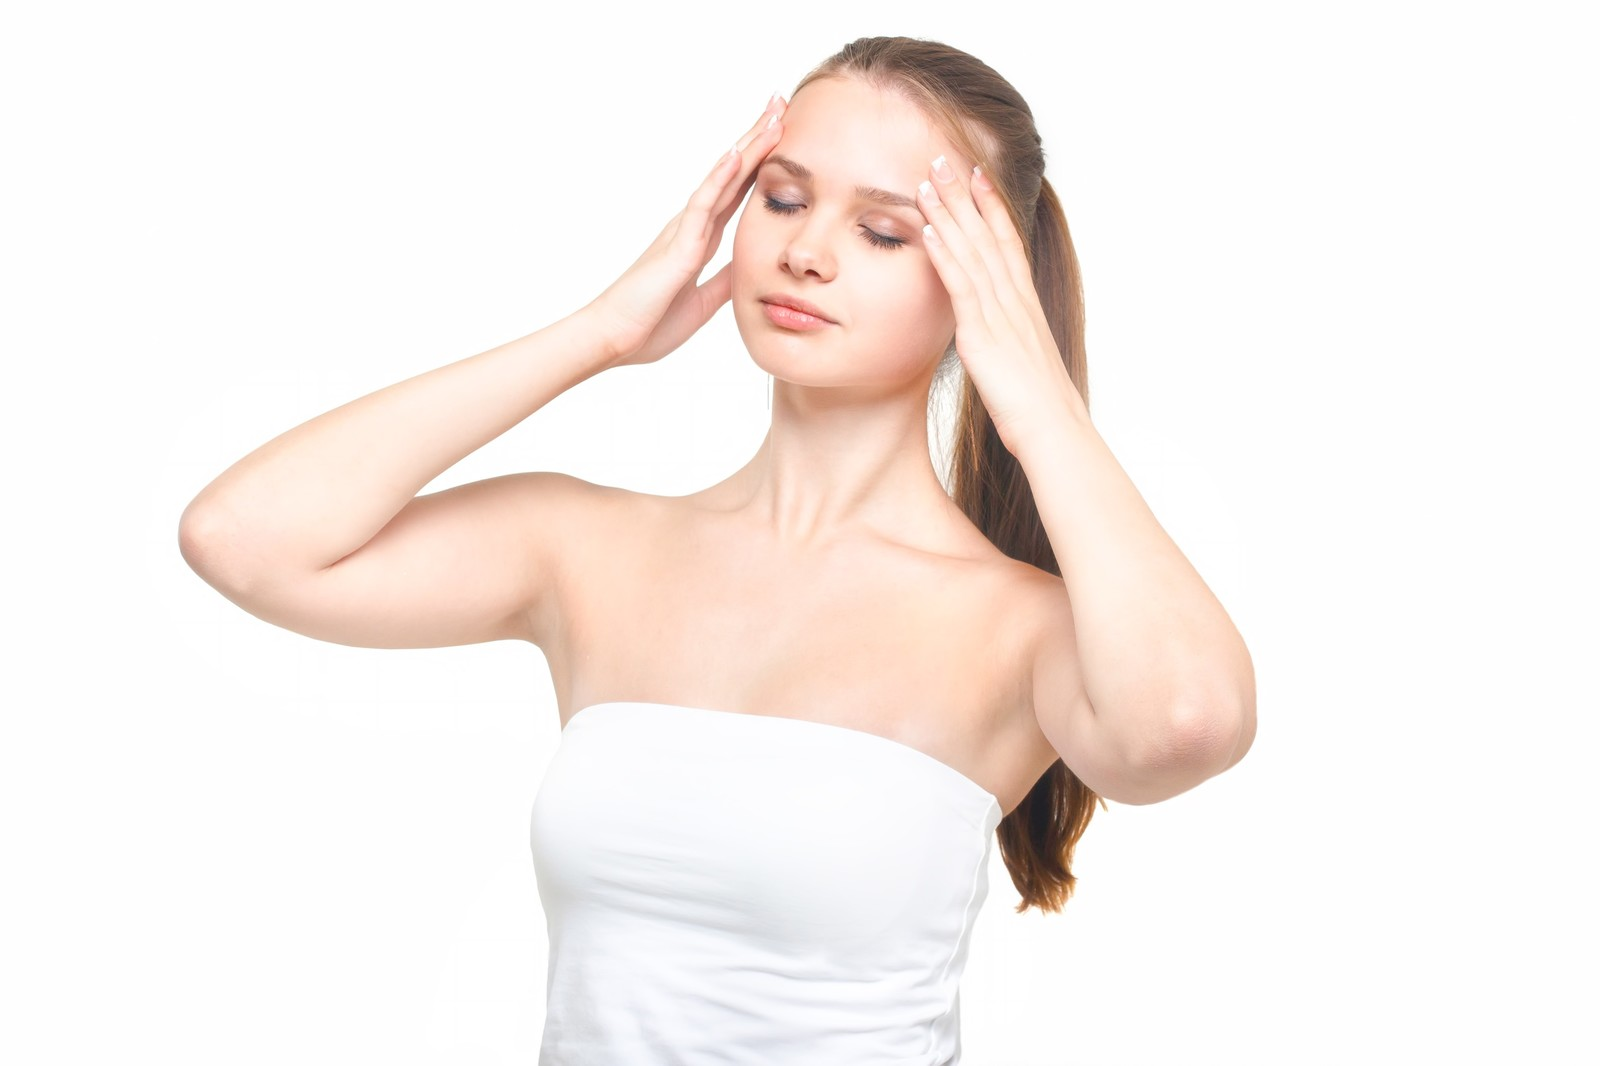 女性特有の脇汗の原因と対策方法をご紹介♡脇汗はにおいの原因にも。のサムネイル画像